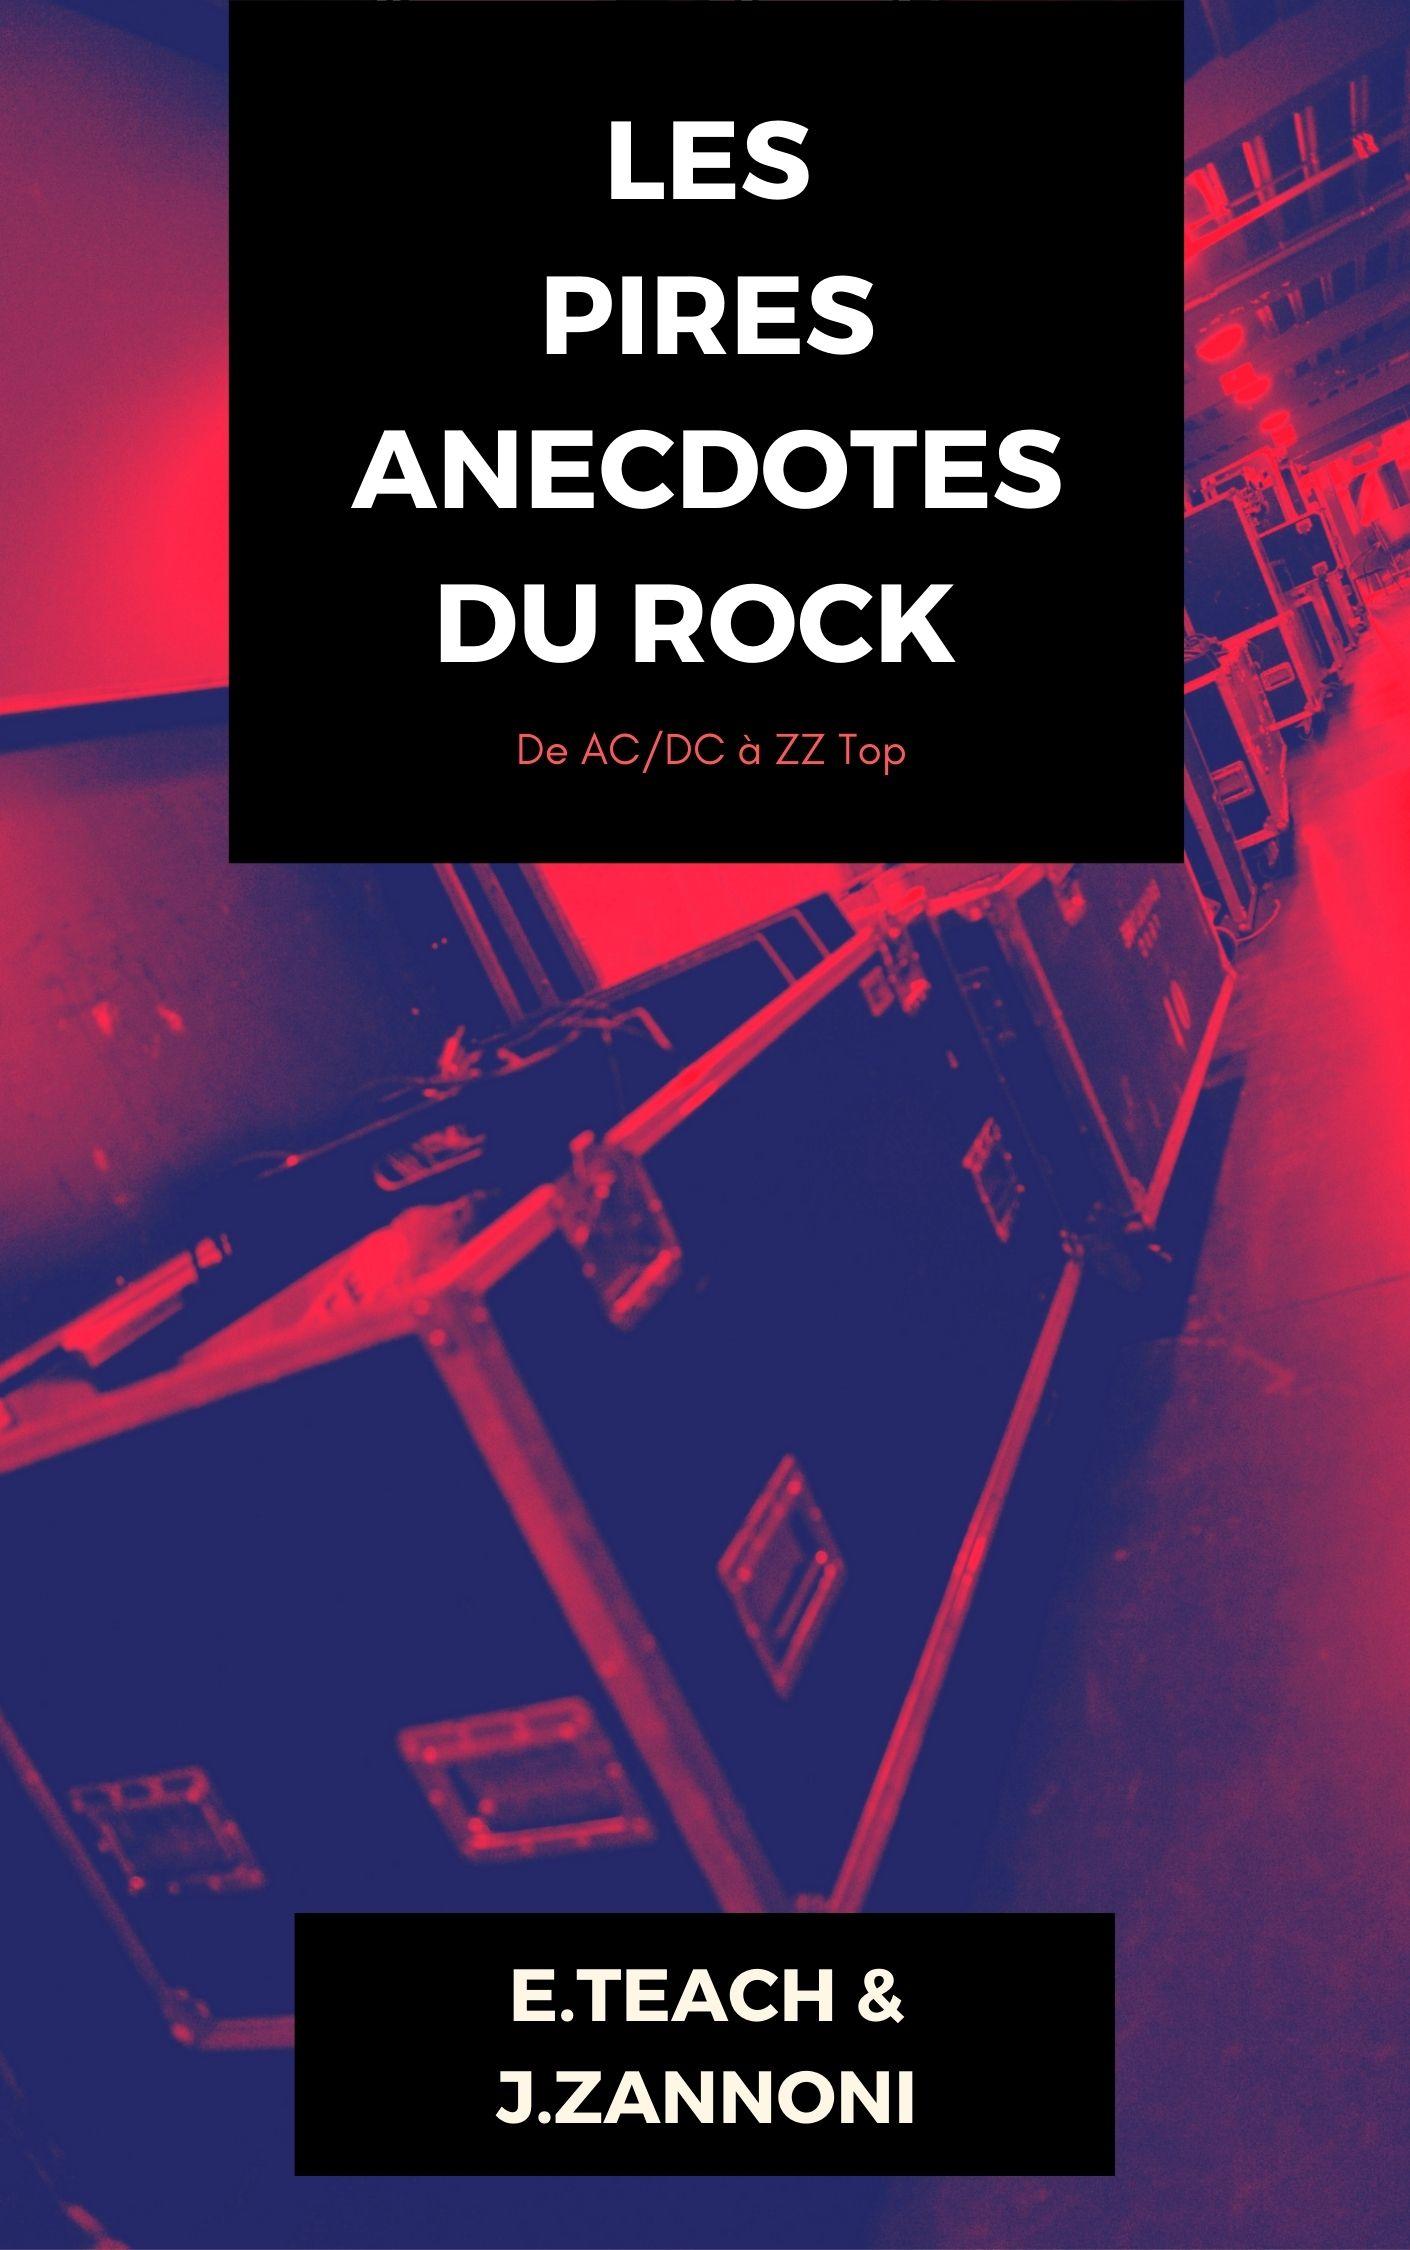 E.TEACH & J. ZANNONI- Les Pires Anecdotes Du Rock: De AC/DC à ZZ Top